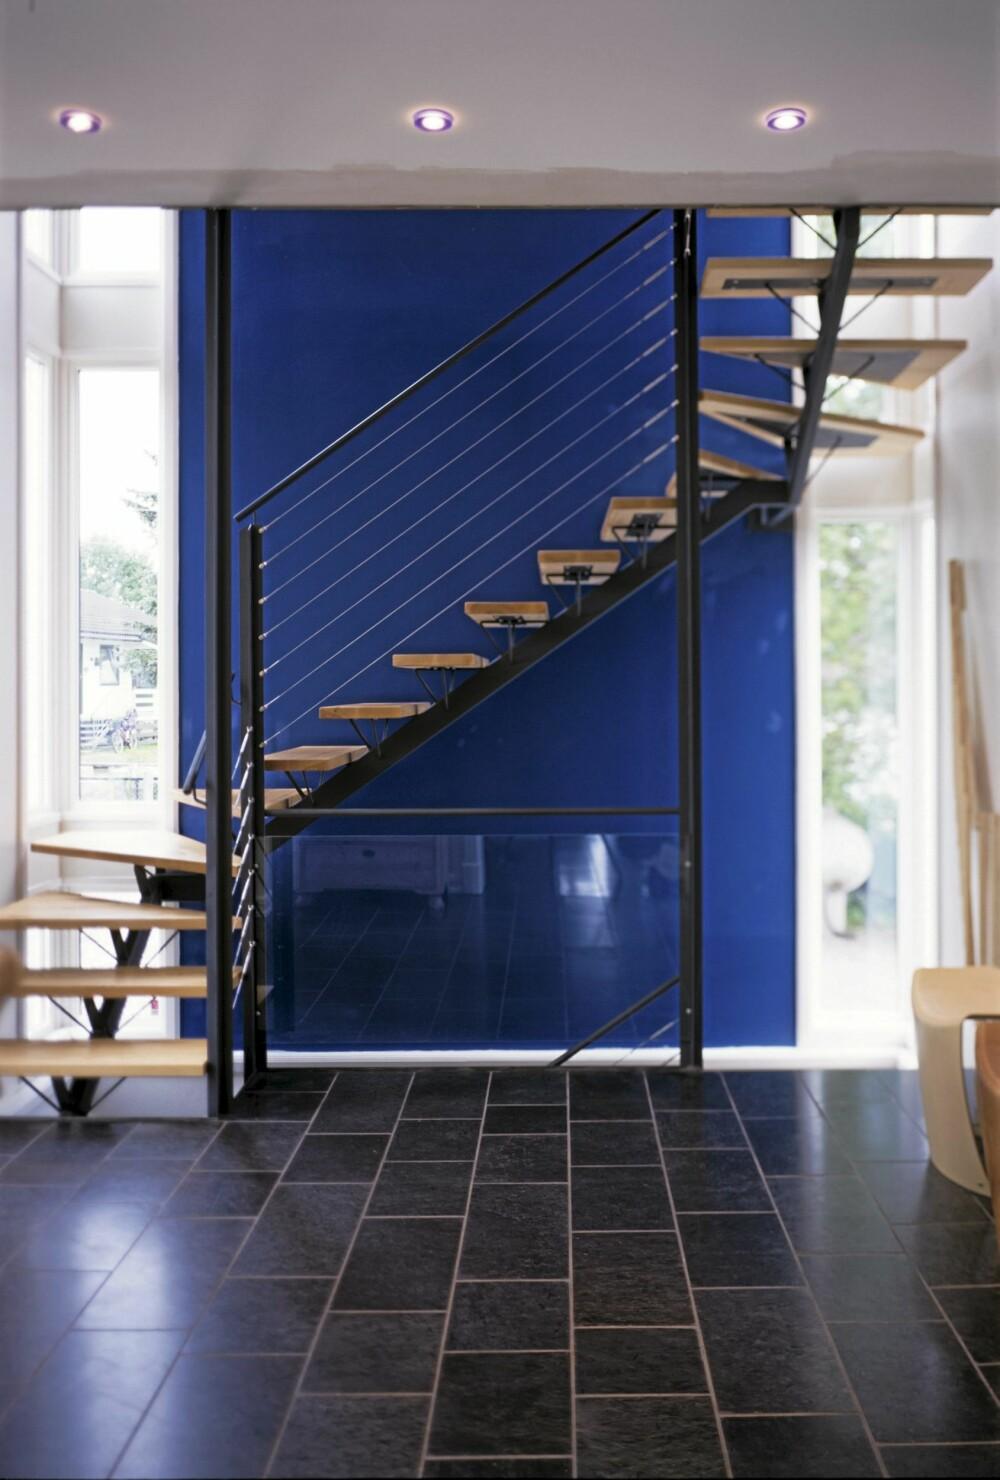 HIMMELSK HØYDE: Den luftige førsteetasjen i tilbygget preges av den arkitekttegnete trappa. Den og hele hallen opplyses av høye sidevinduer i begge hjørner av tilbygget.